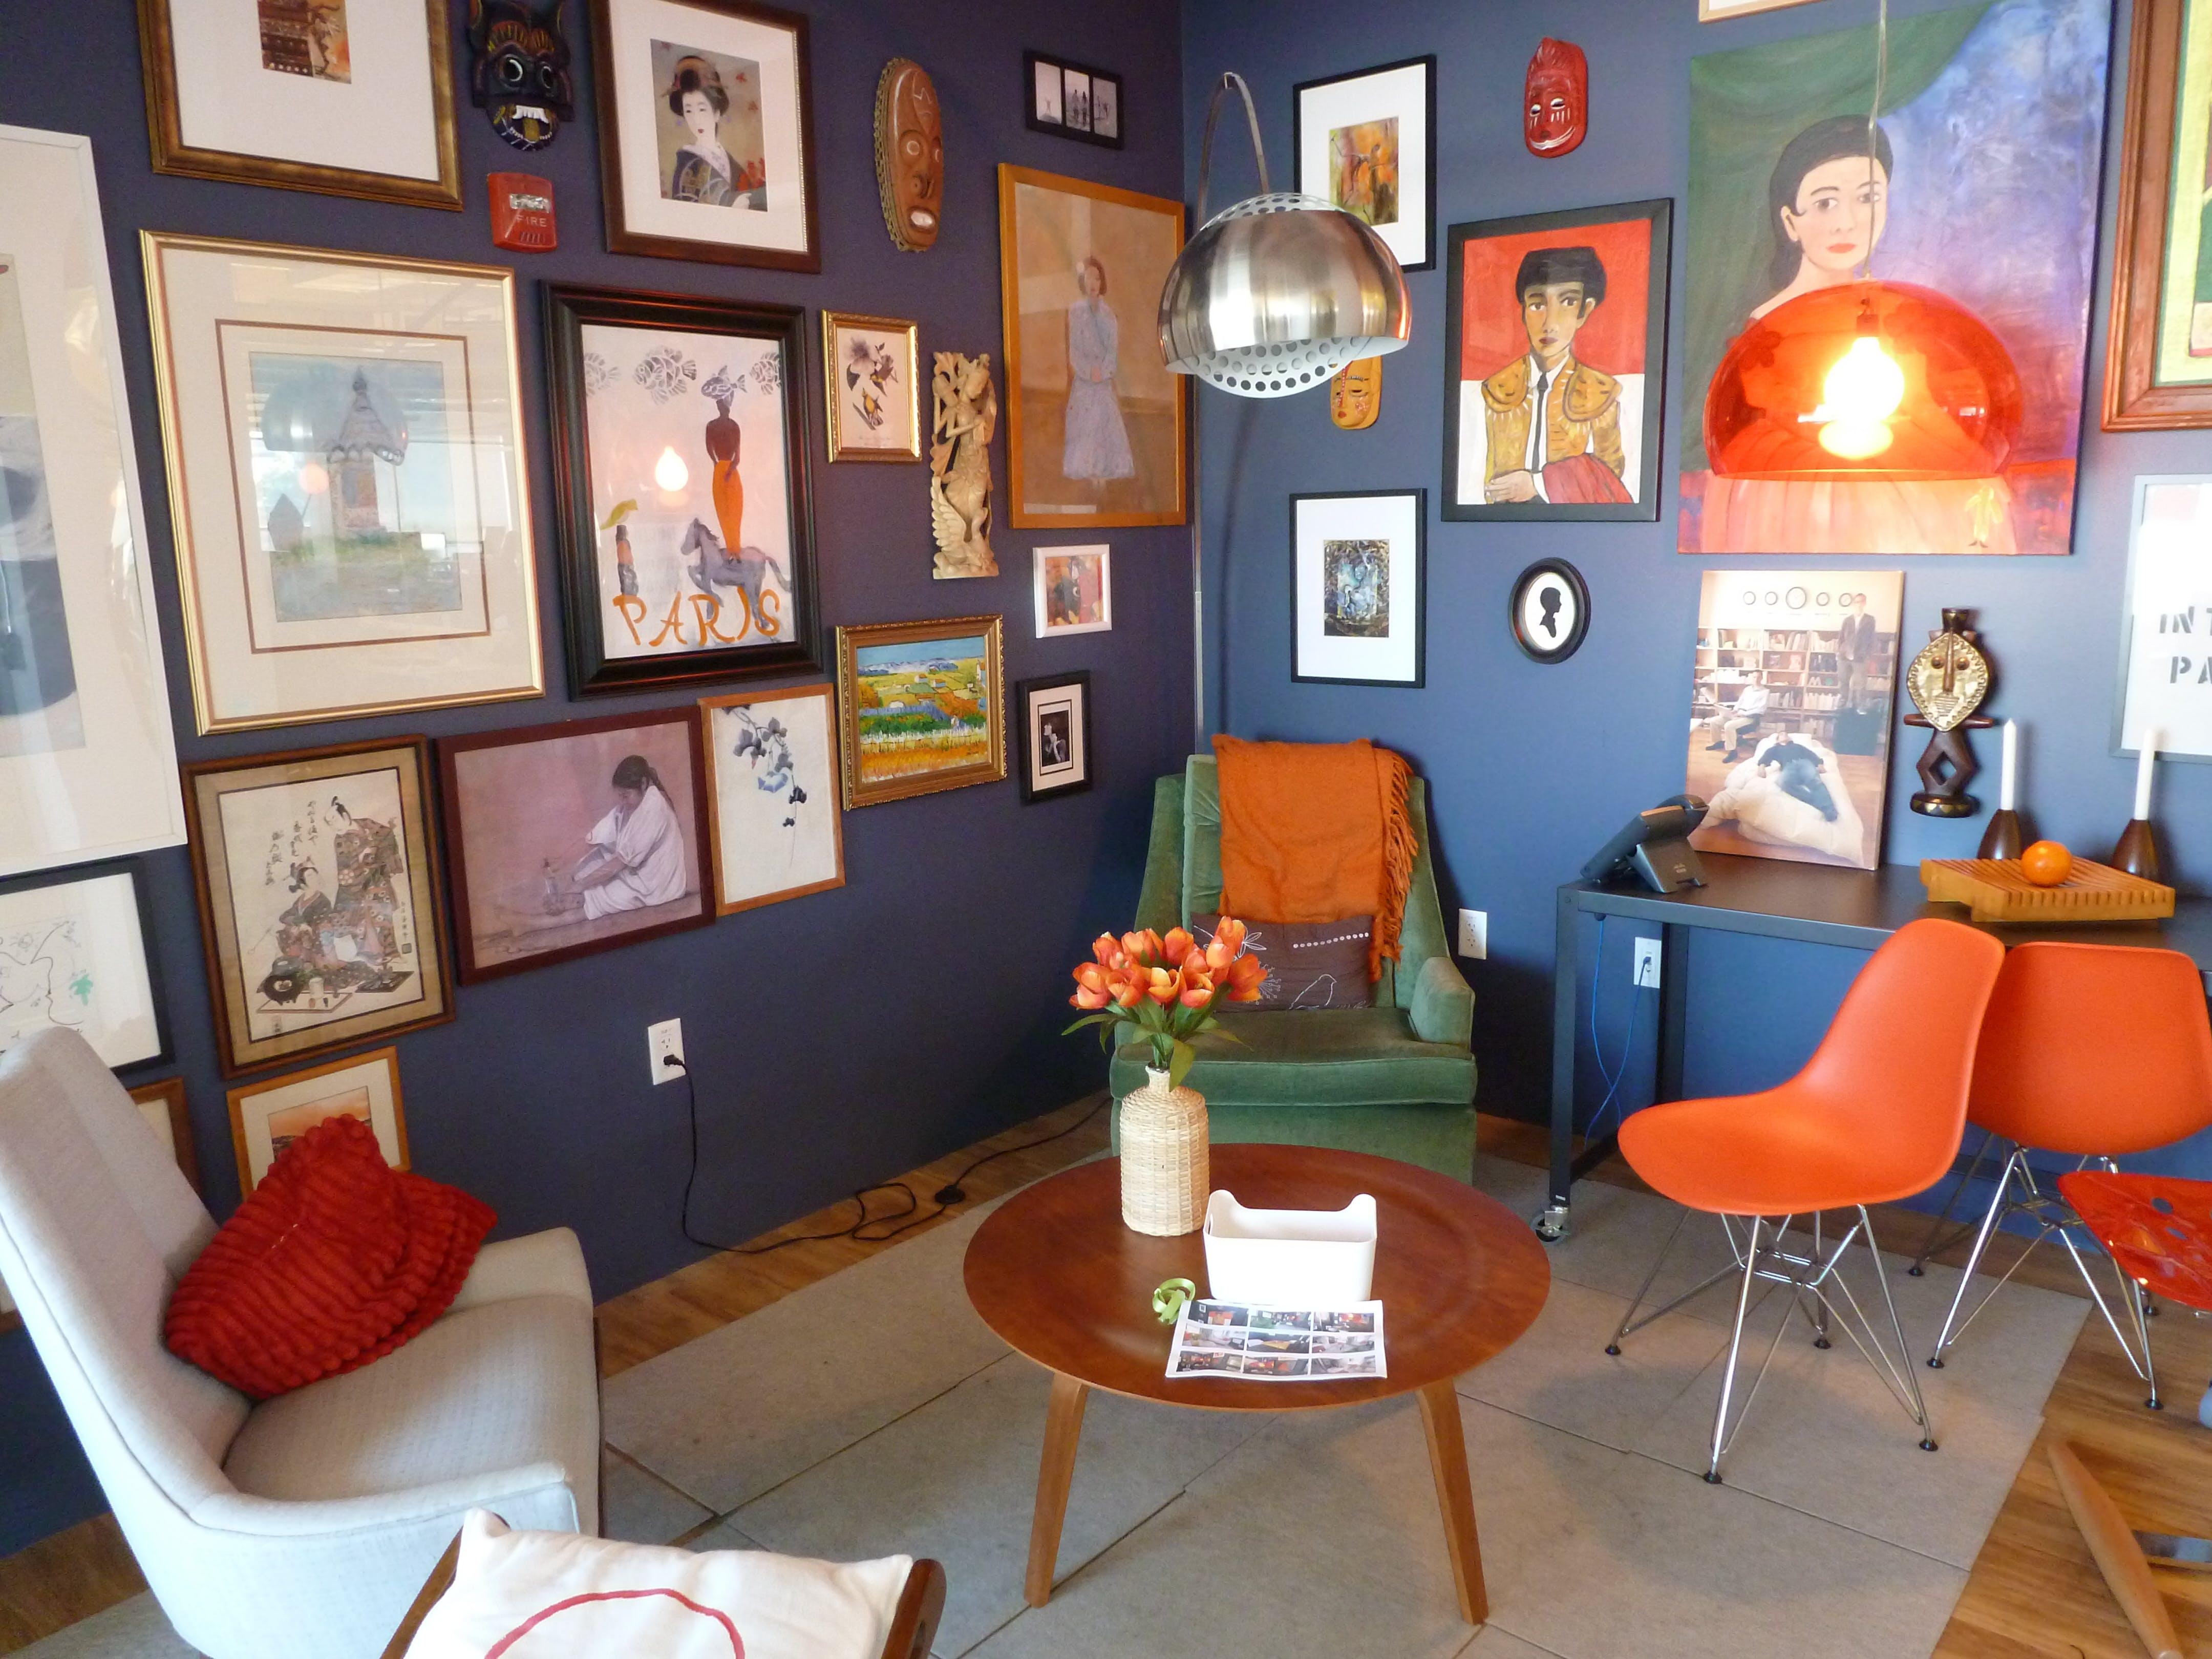 Hausbesuch bei Airbnb: Flipper, Laufband, Wohn-Pilz [Bildergalerie]